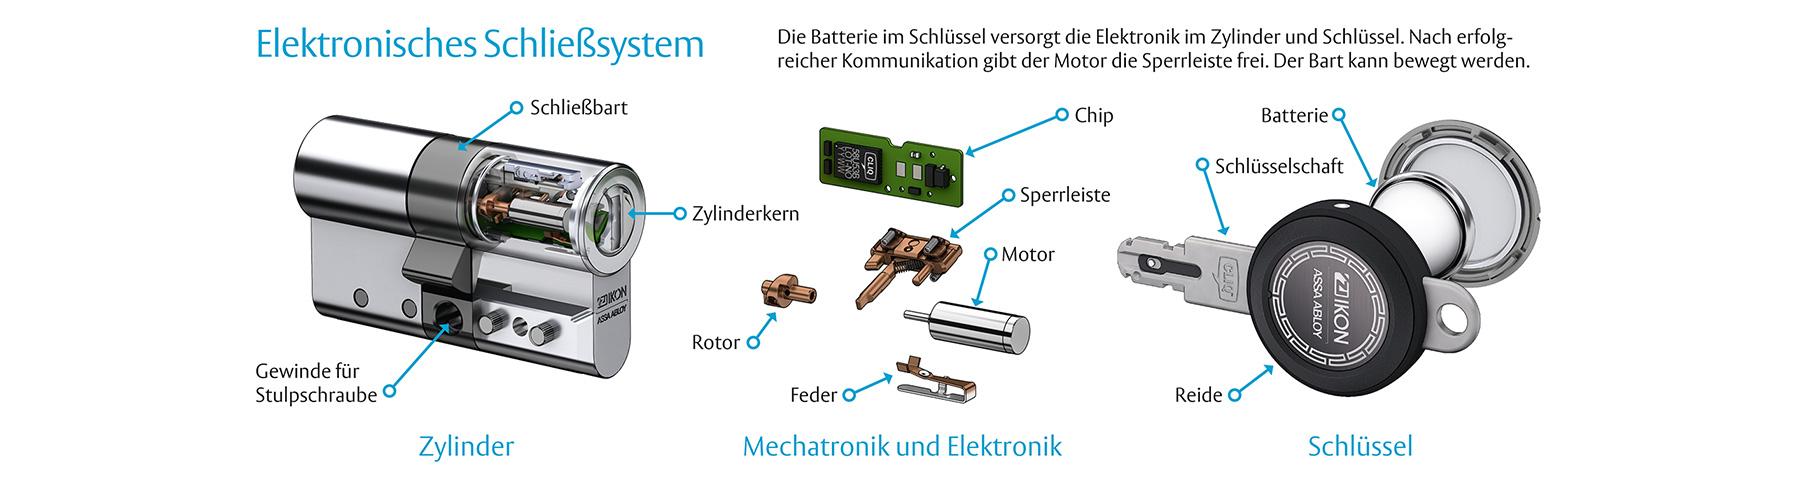 Elektronisches Schließsystem